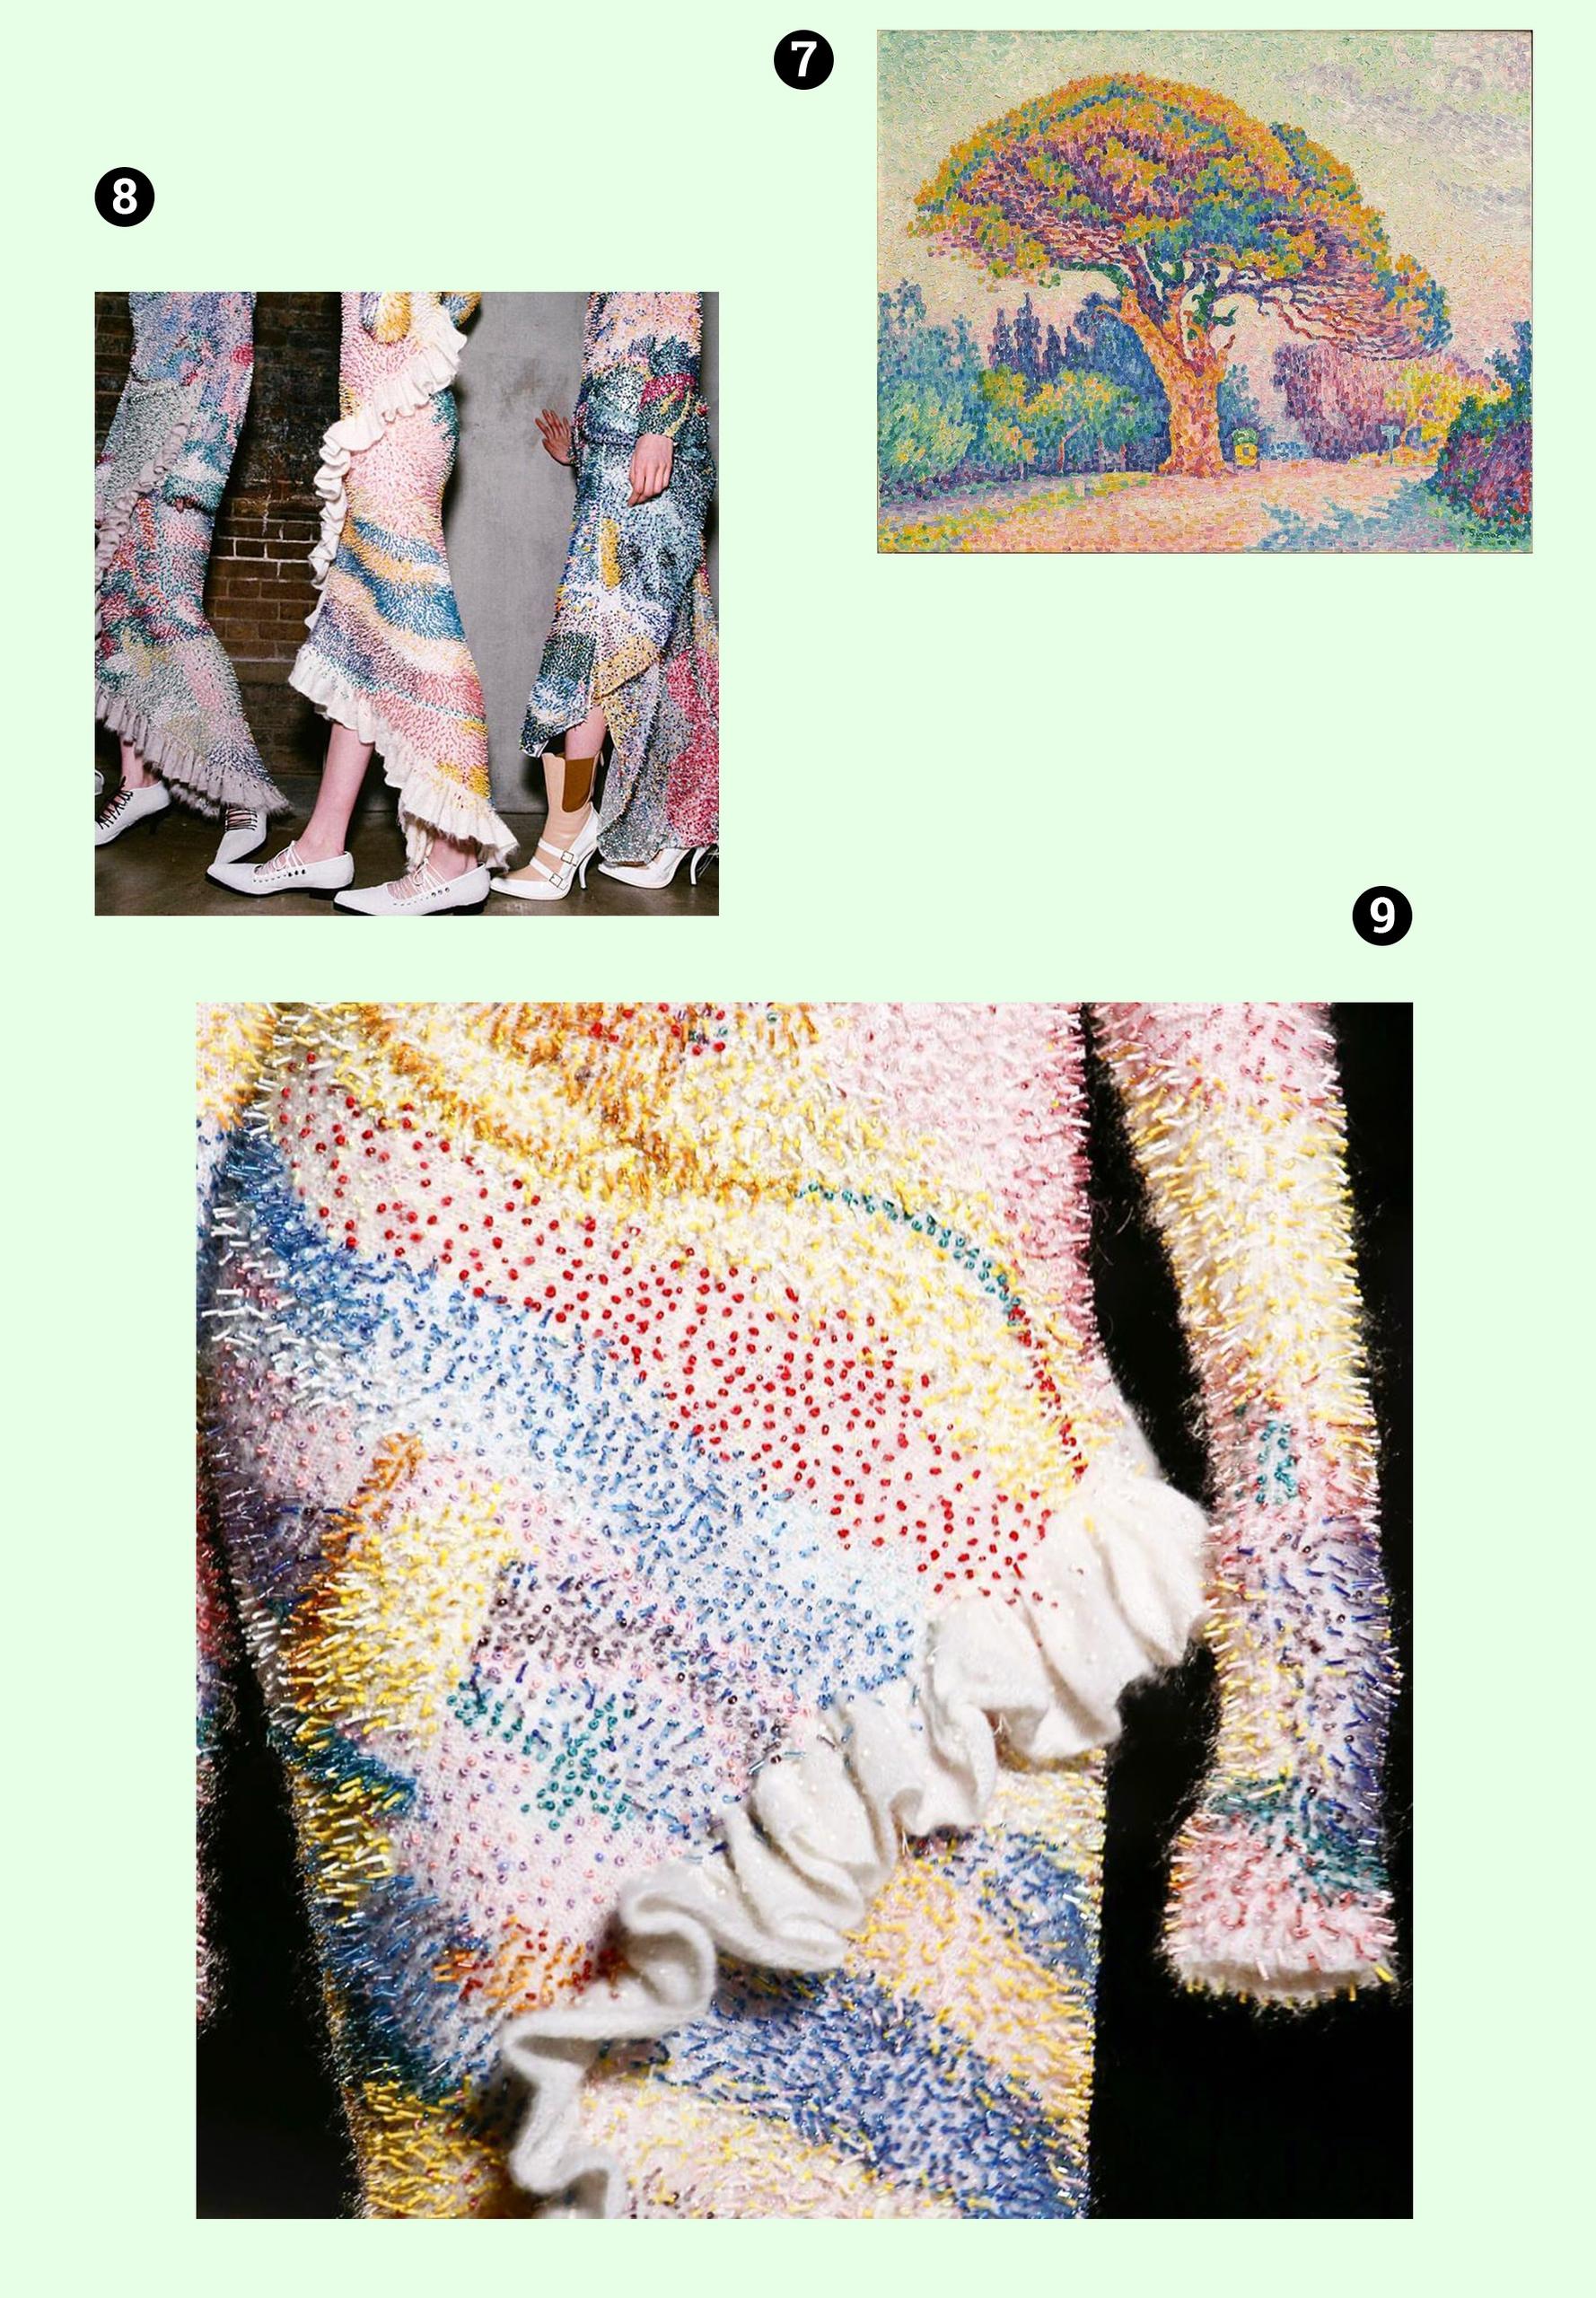 Obraz przedstawia trzy zdjęcia na zielonym tle. Widzimy fragmenty ubrań i obraz znanego artysty.